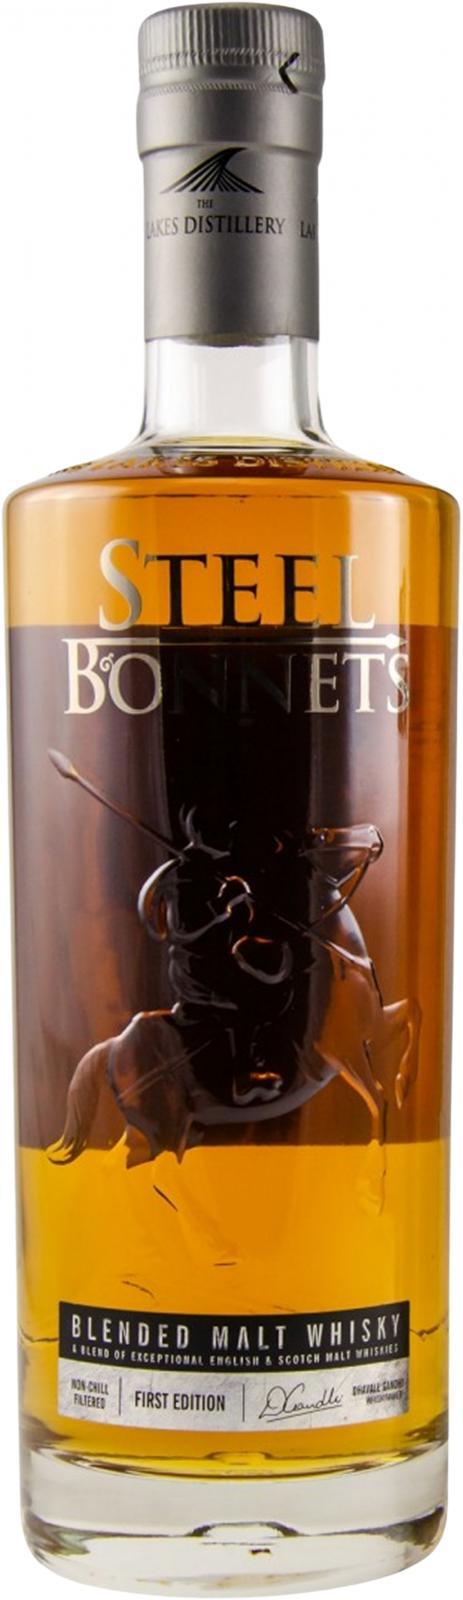 Steel Bonnets Blended Malt Whisky